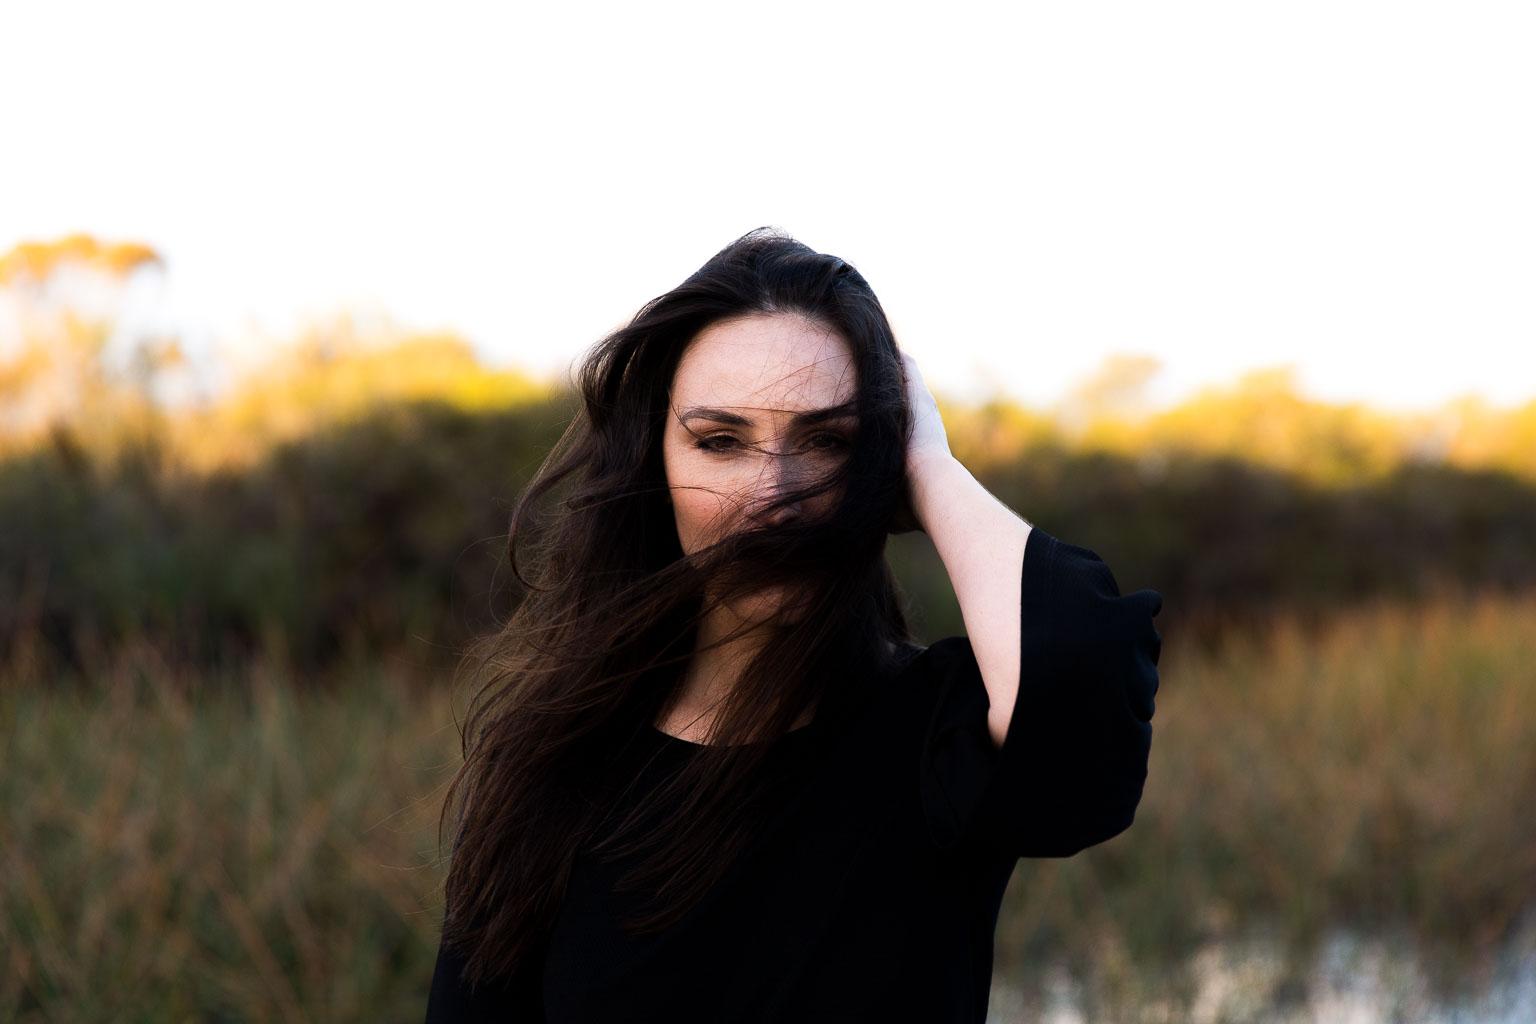 VanessaCantoviski-ModelingPortfolio-Sydney-JayLiozPhotography-August 02, 2017-49.jpg